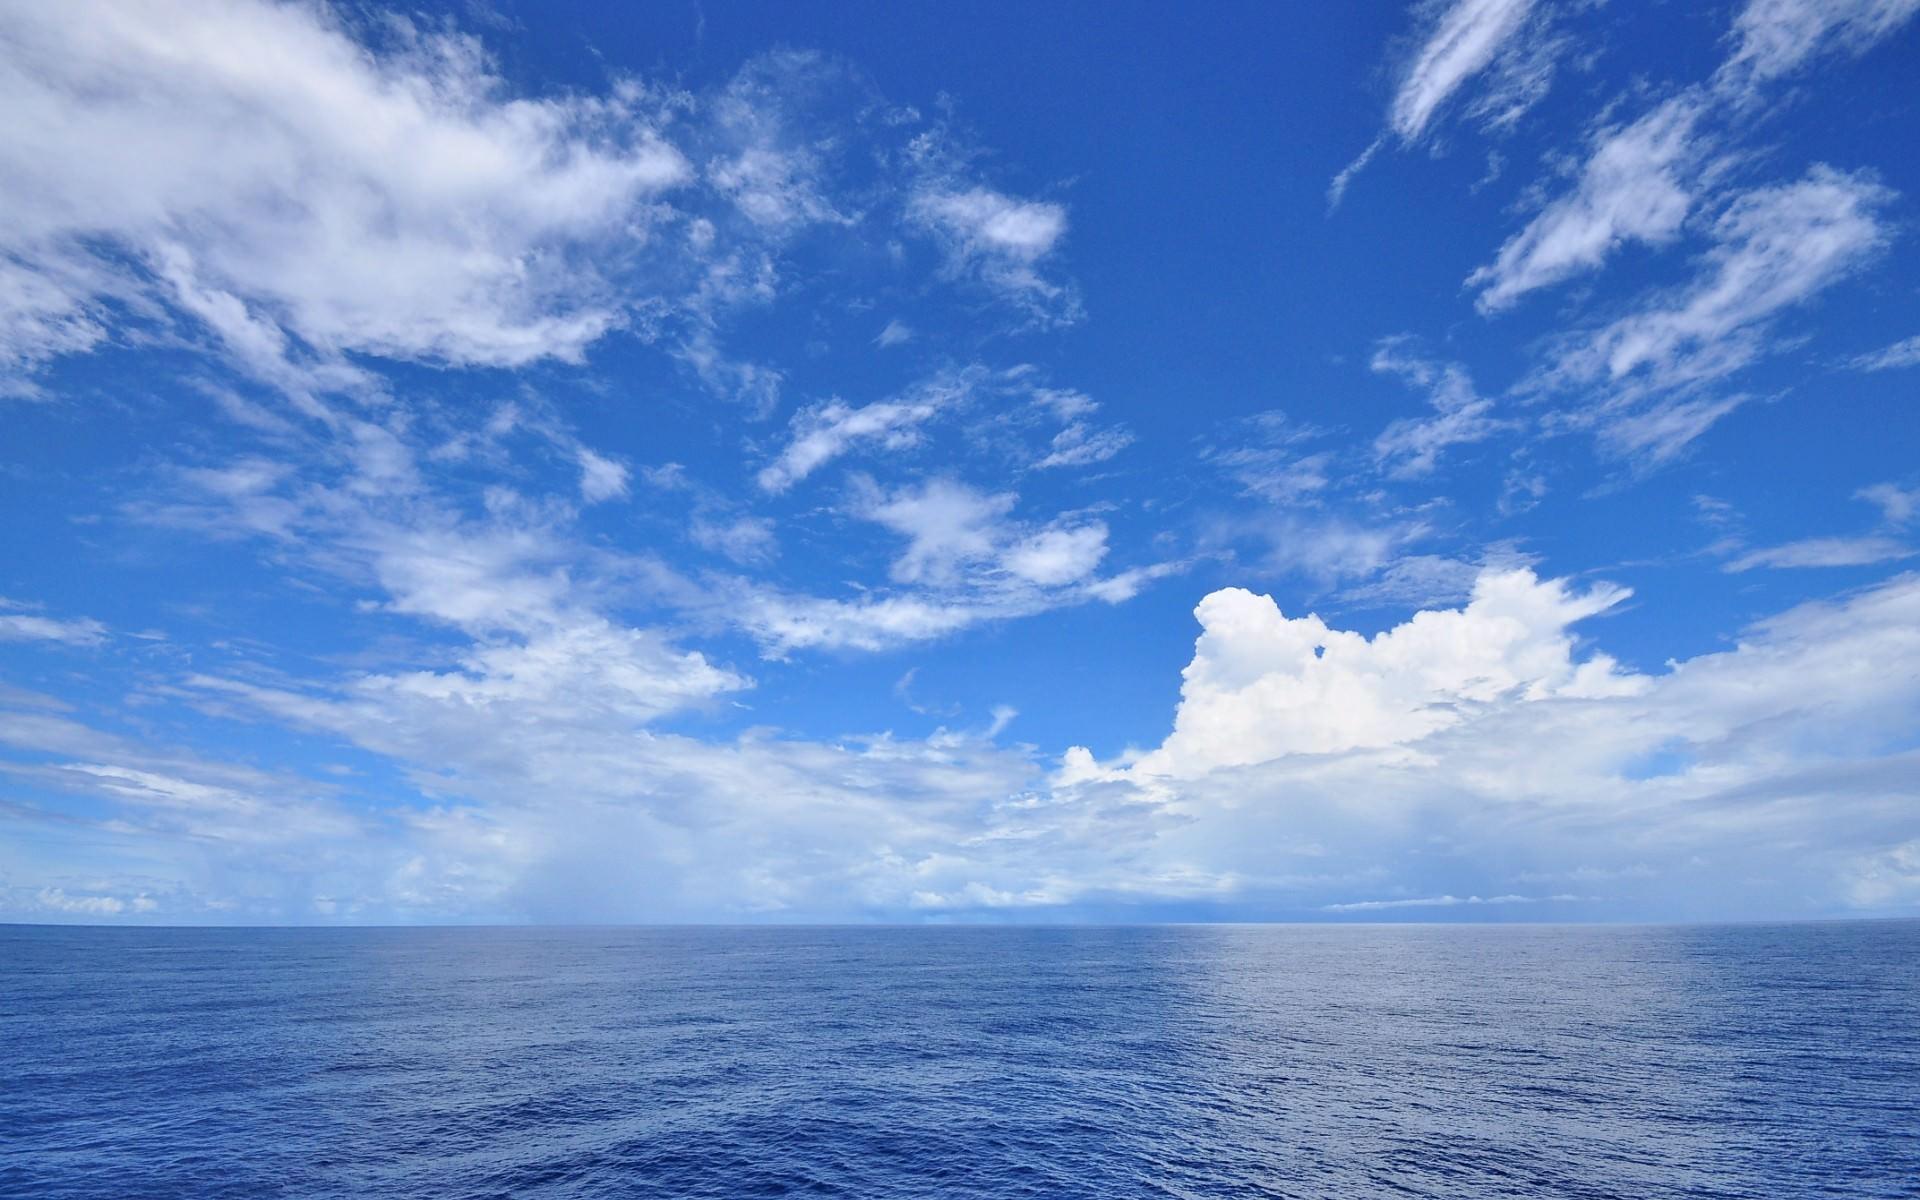 ★★★ 他の海の壁紙を探す人 ... : パソコン キー : すべての講義